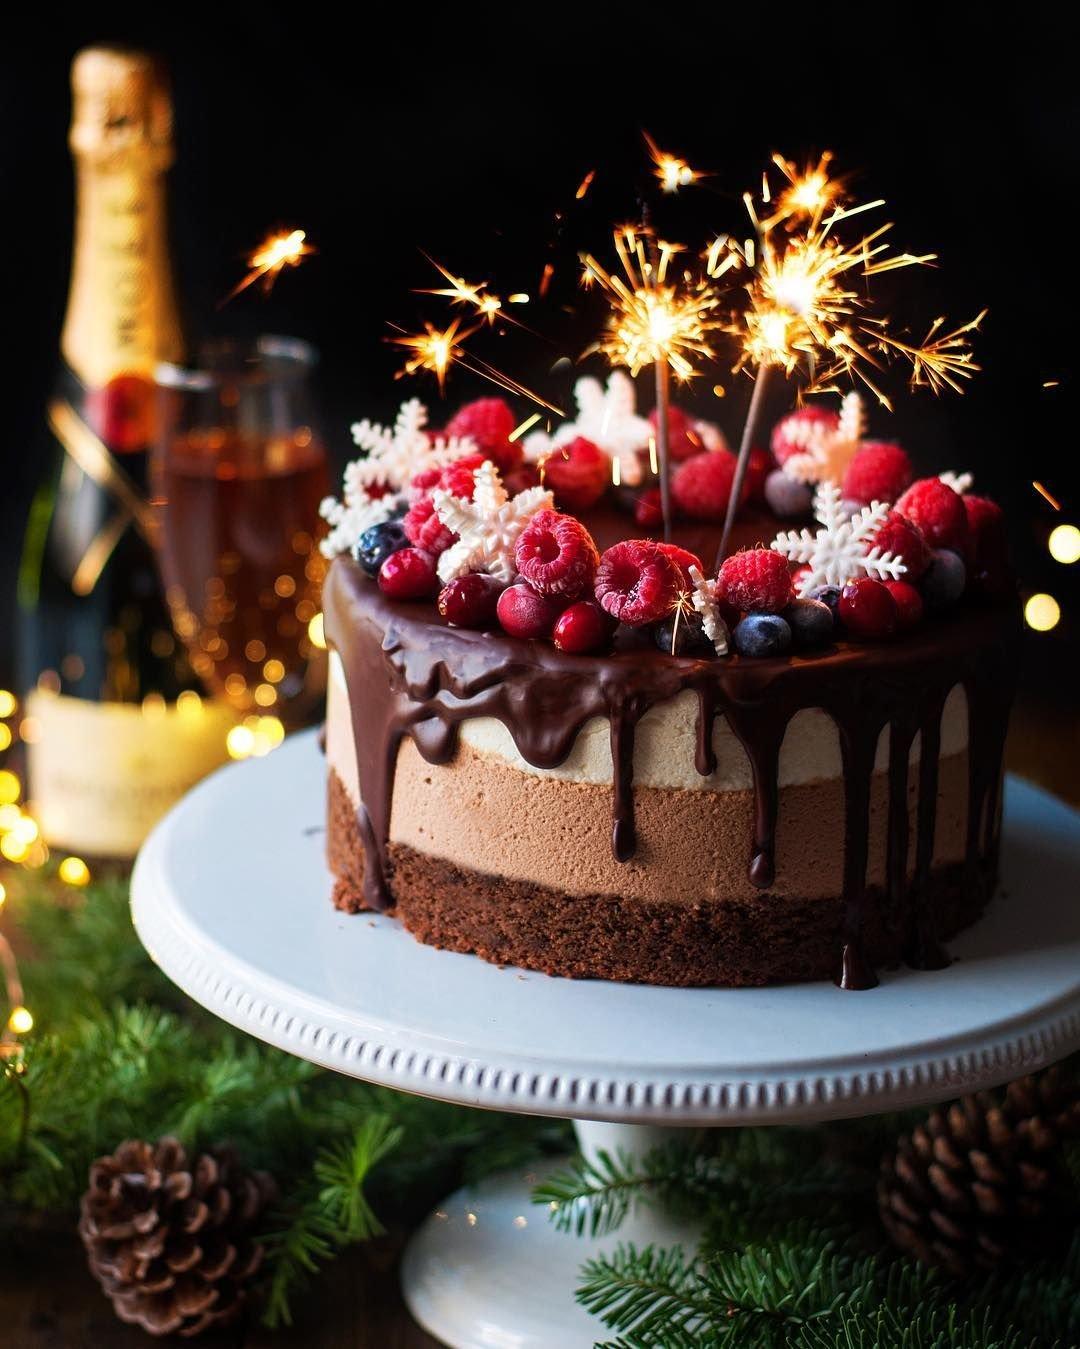 тортики фото с днем рождения тотчас сверкнули алым